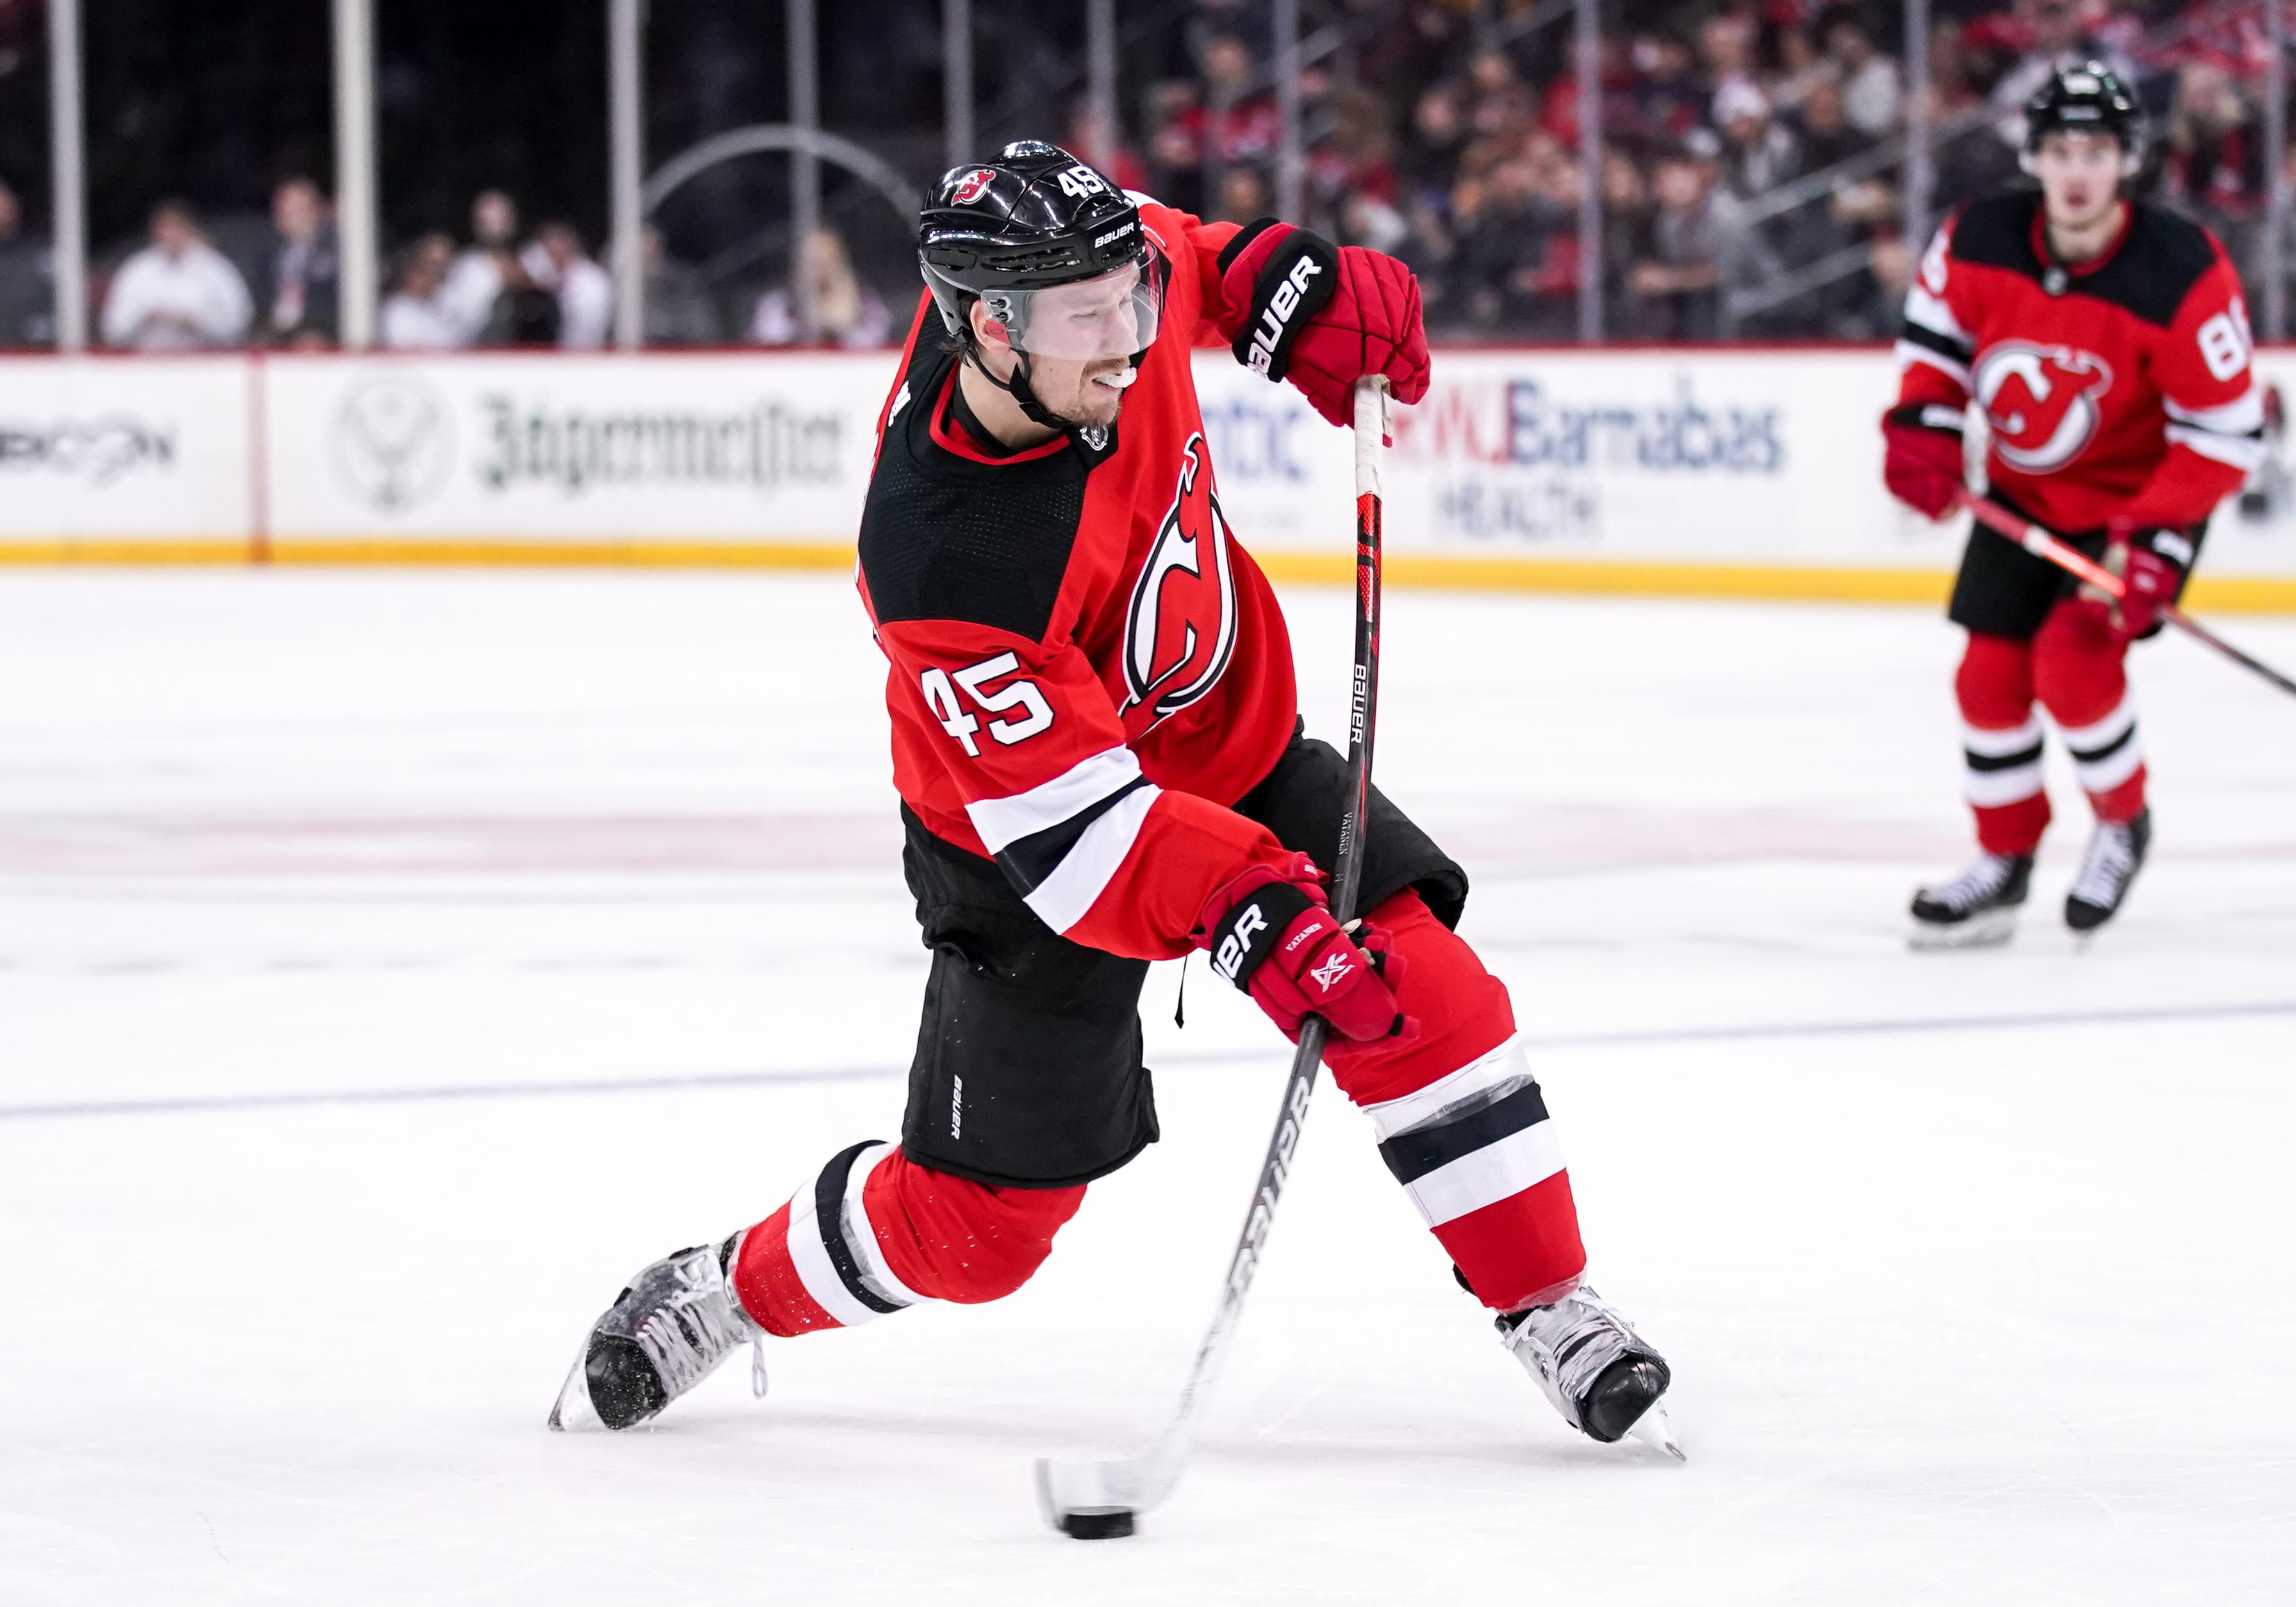 Noin 4,1 miljoonaa euroa kaudessa tienaava Sami ehti edustaa New Jersey Devilsiä (kuvassa) yli kahden kauden ajan. Helmikuussa hänet kaupattiin Carolina Hurricanesiin.